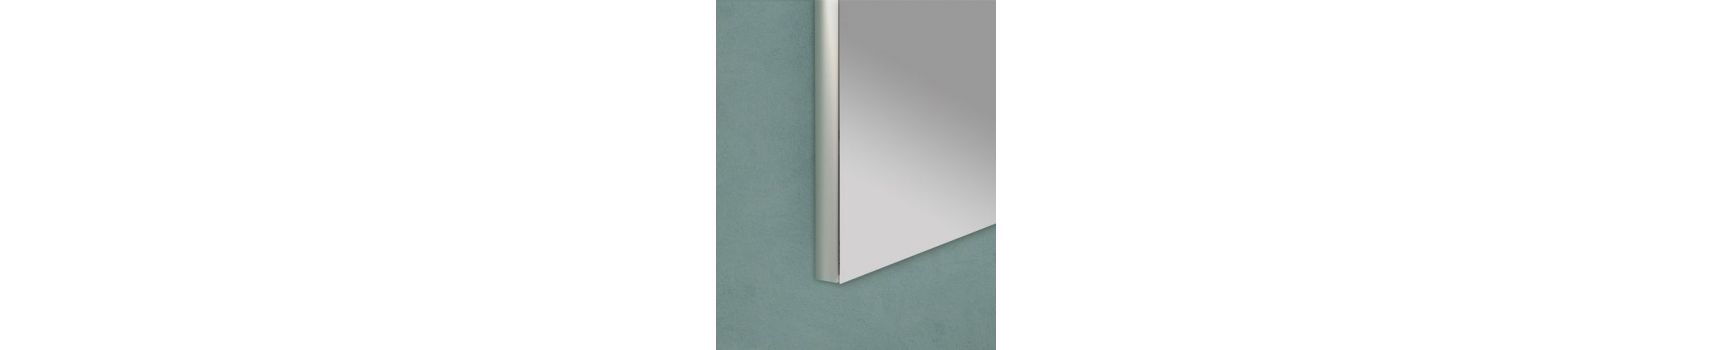 Specchiere per il bagno a filo lucido prodotte in Italia | Boleco